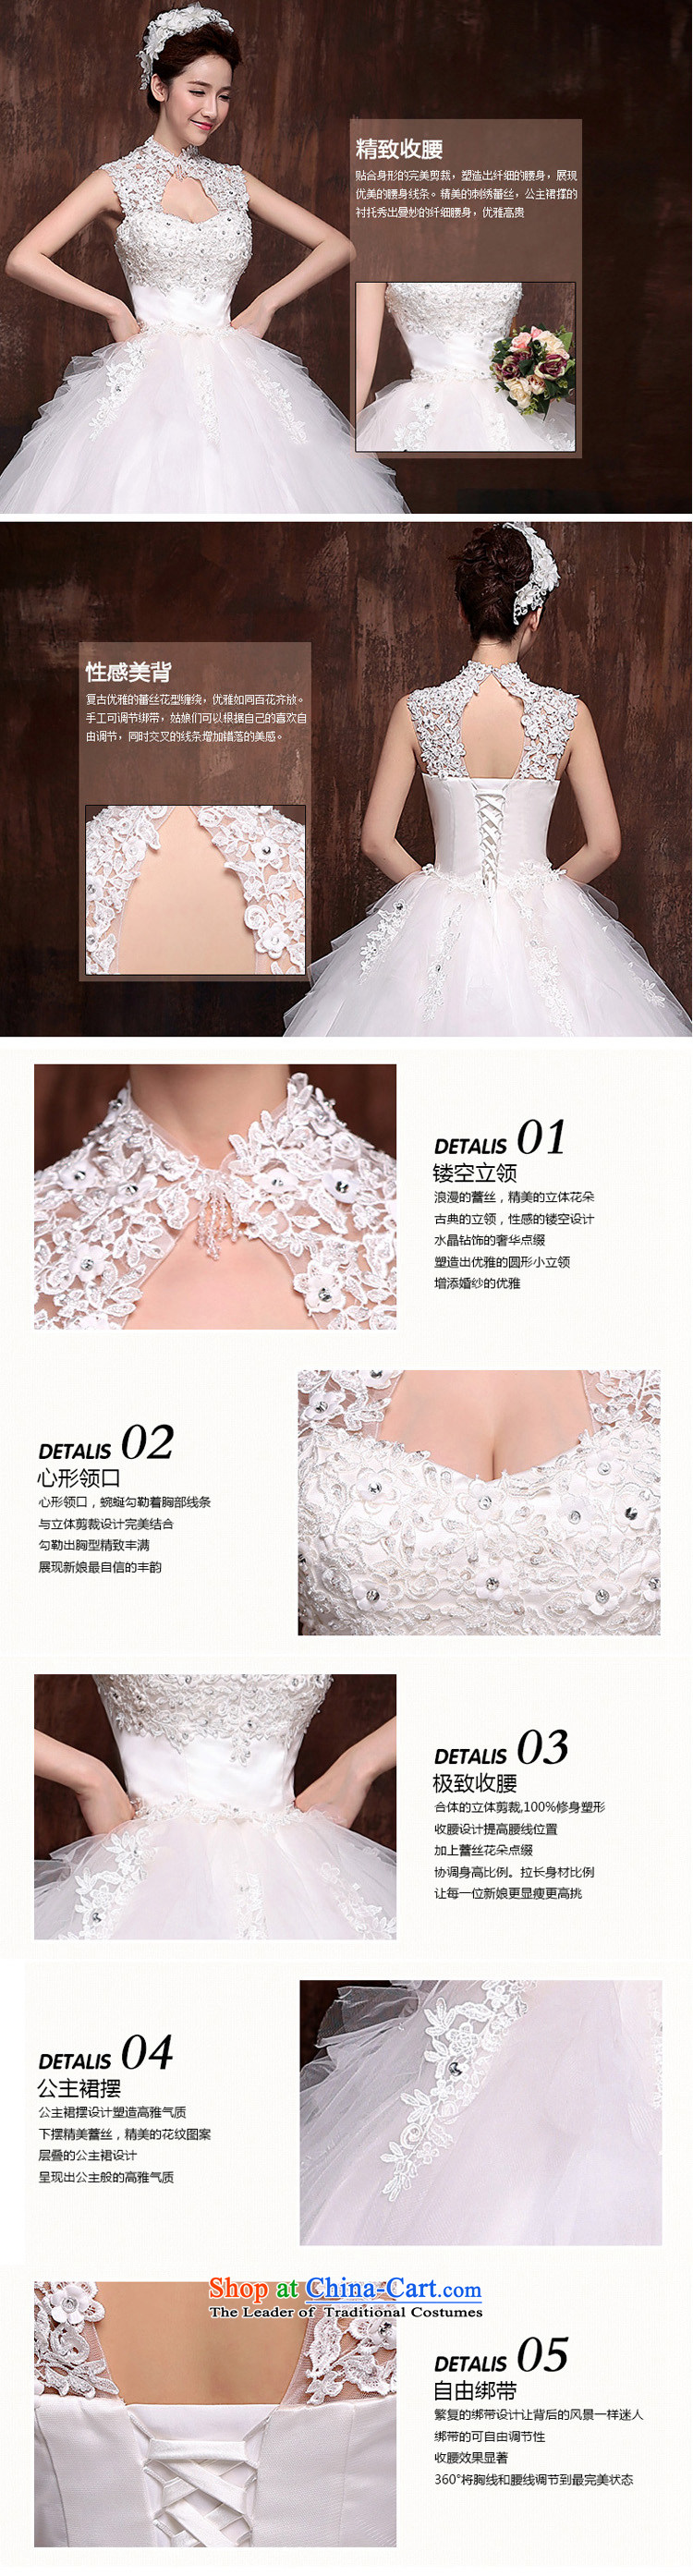 Wunderbar Charlene Wedding Dress Fotos - Brautkleider Ideen ...